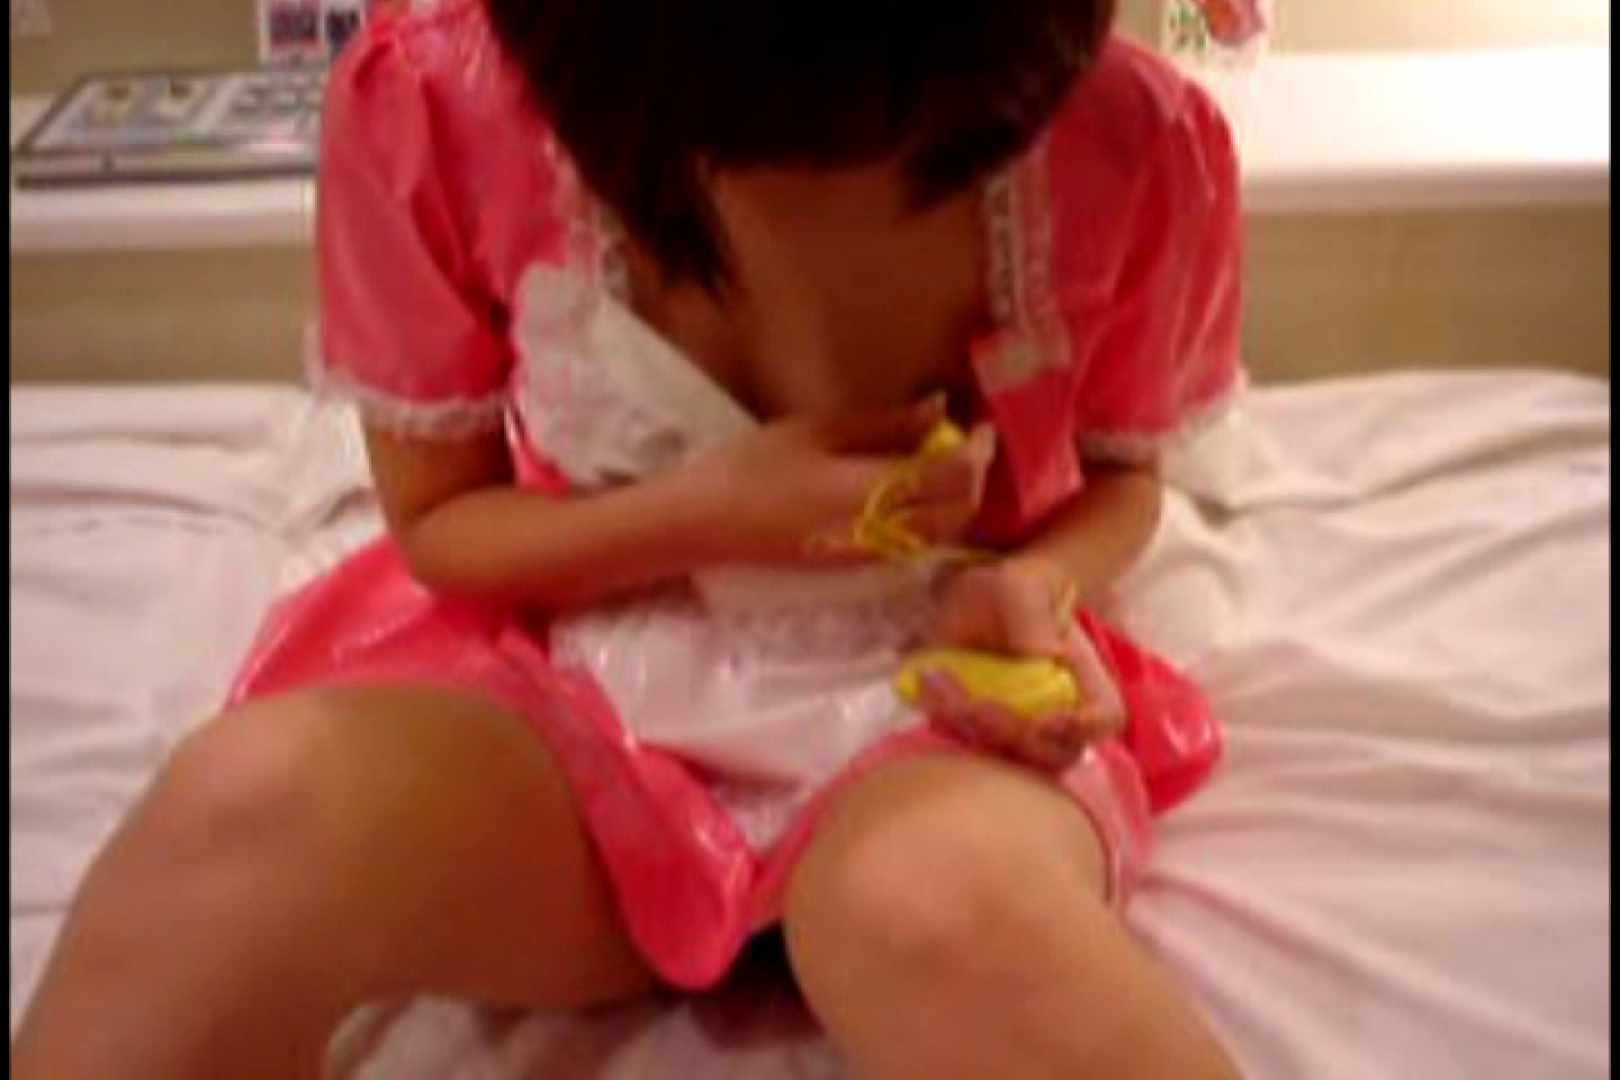 ウイルス流出 九州工学部女子大生藤野瑠美 女子大生  83連発 11